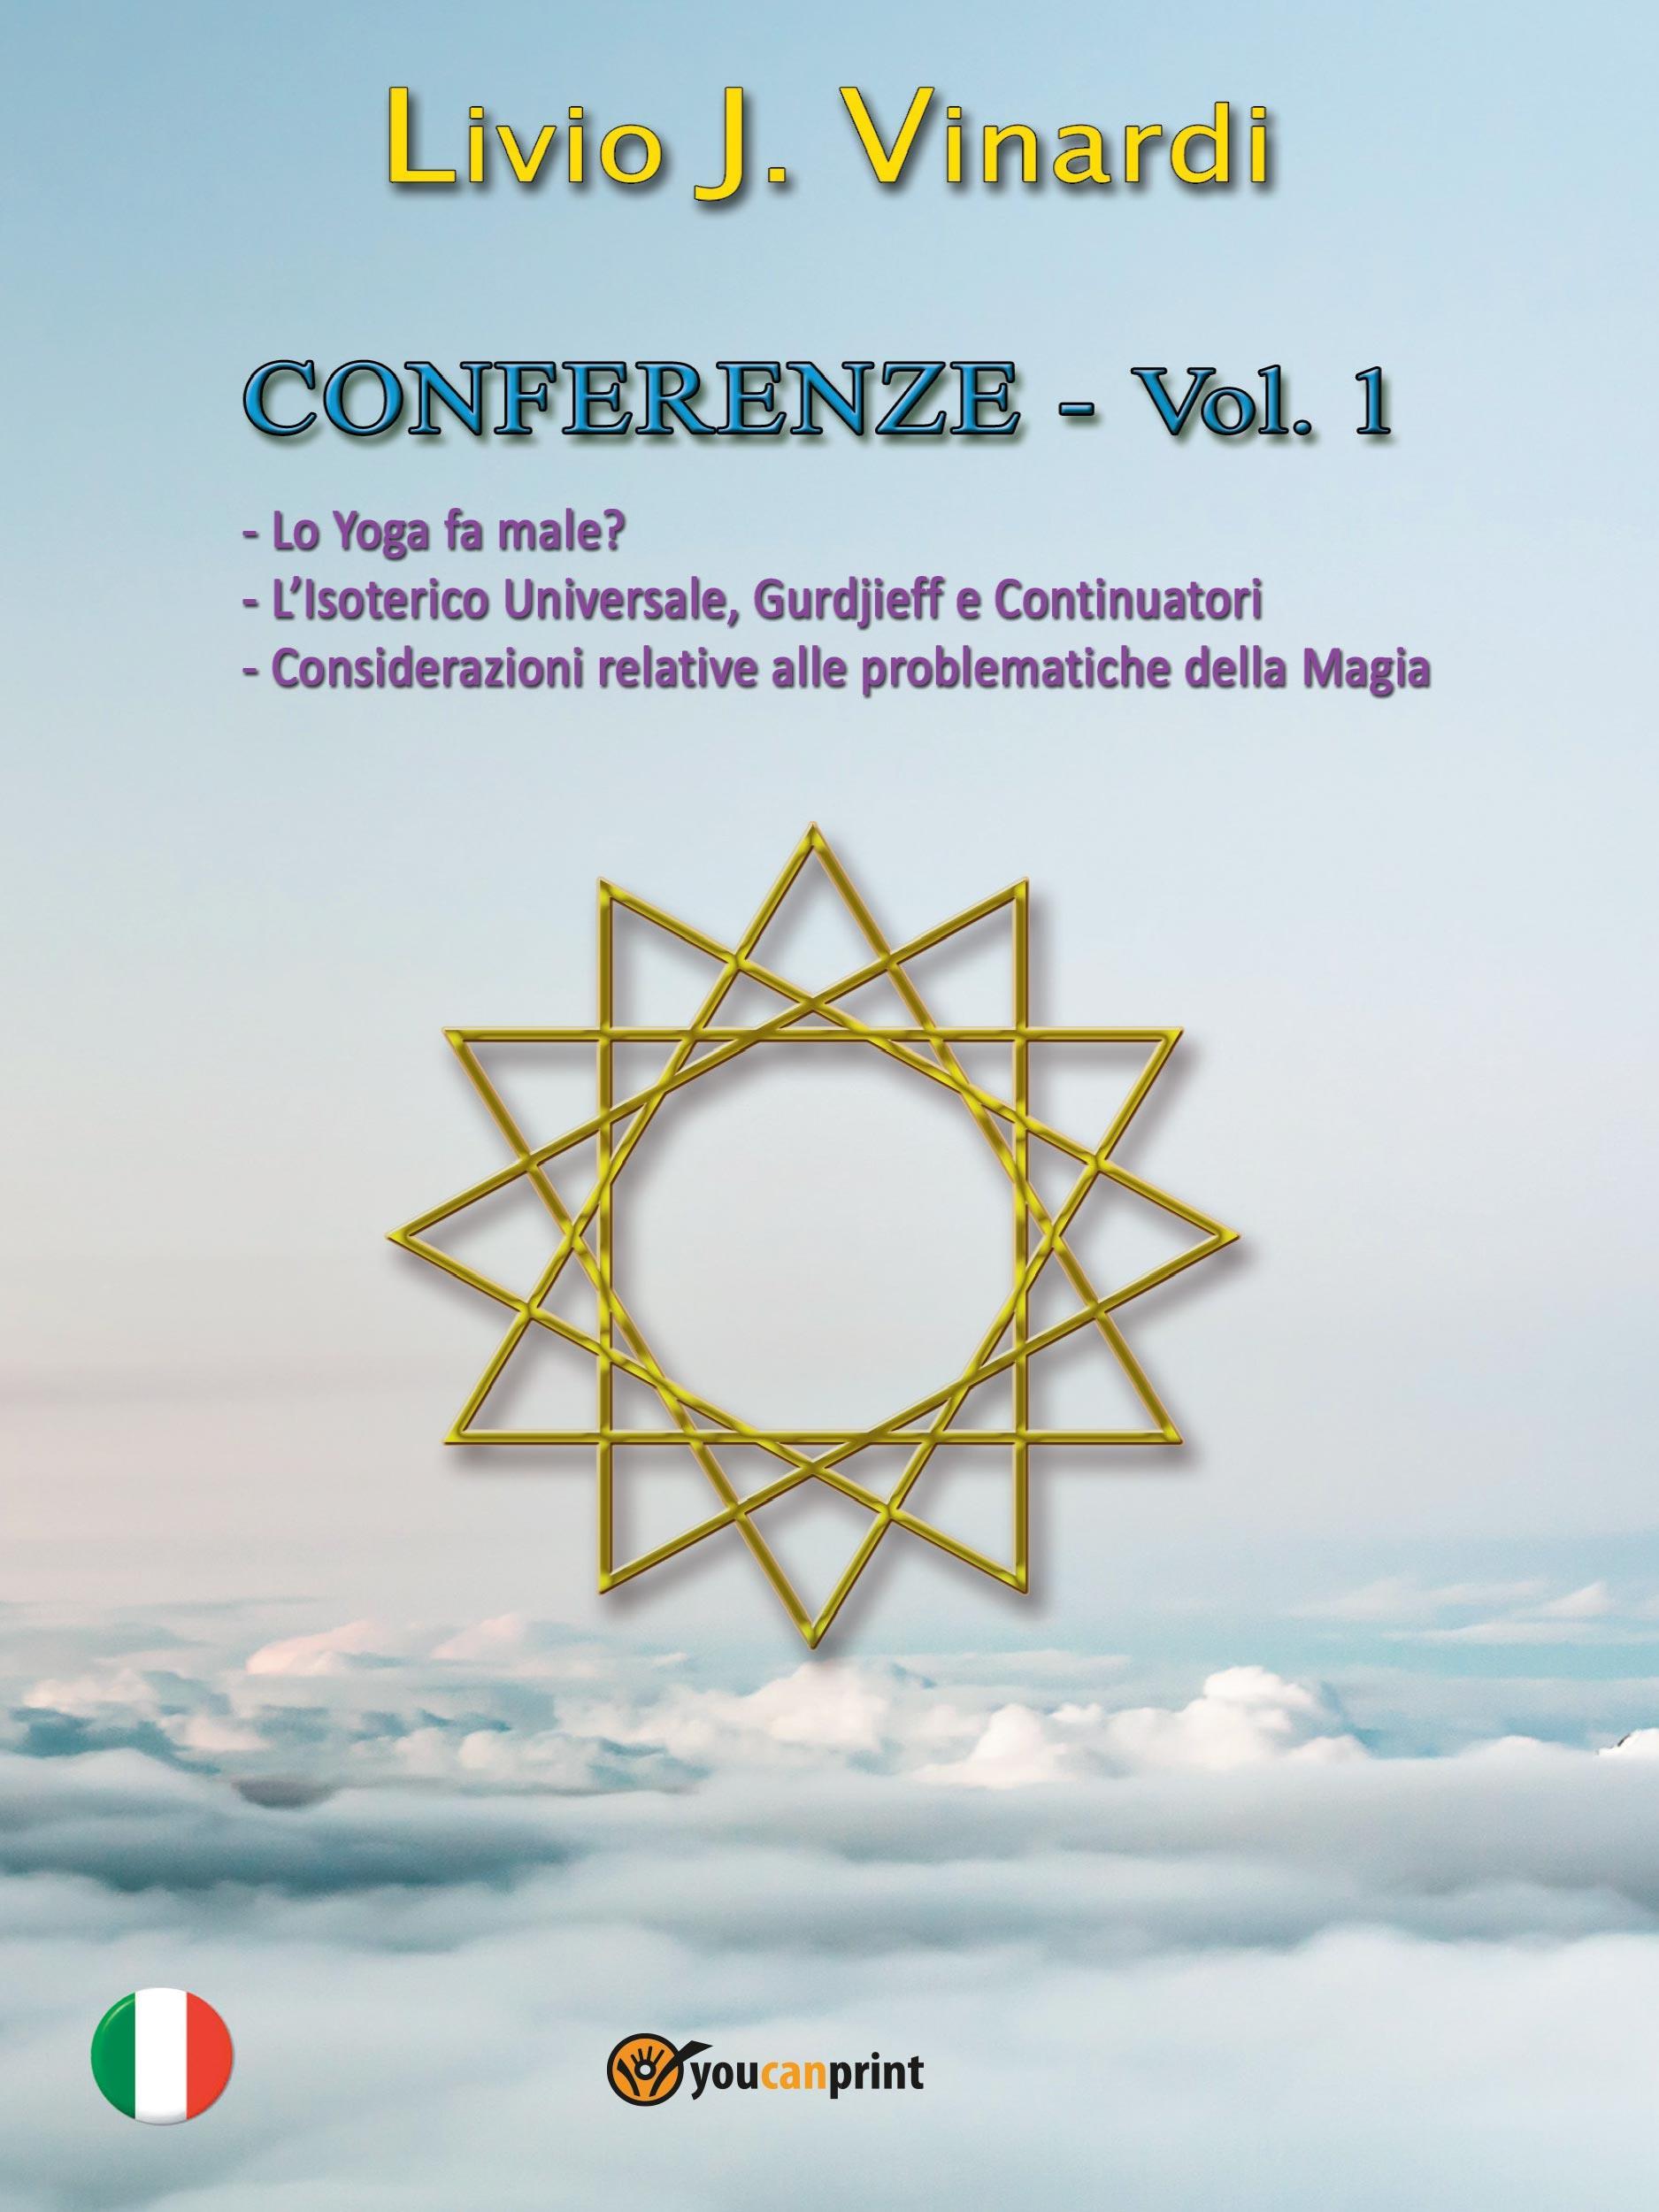 CONFERENZE, Vol. I - Lo Yoga fa male? L'Isoterico Universale, Gurdjieff e Continuatori. Considerazioni relative alle Problematiche della Magia